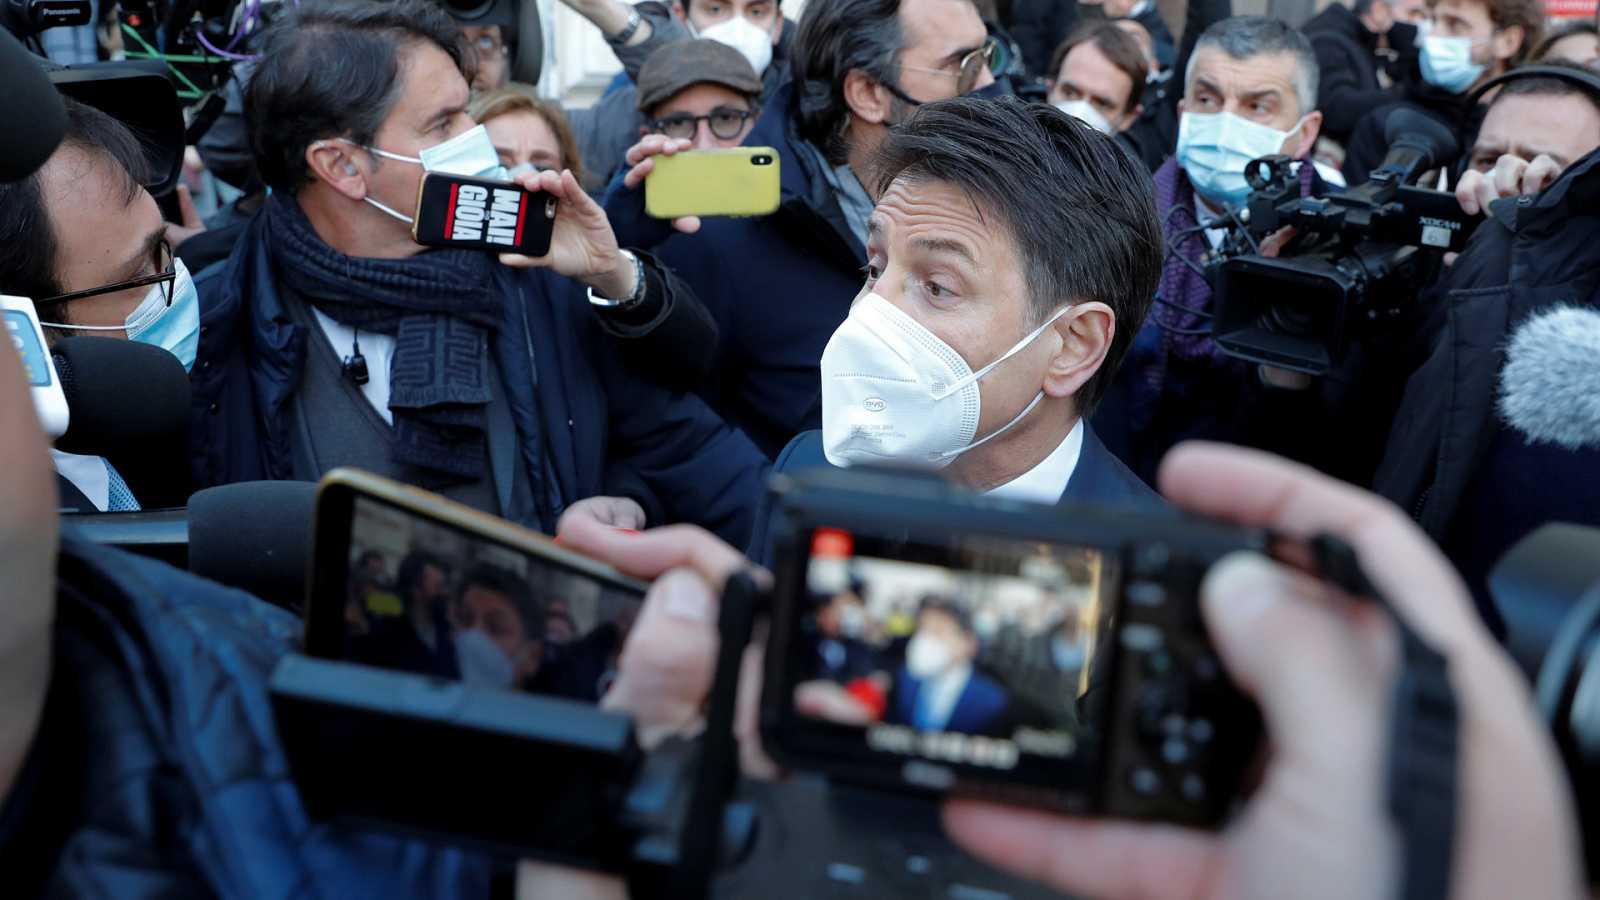 Europa abierta - La enésima crisis de un gobierno italiano  - Escuchar ahora